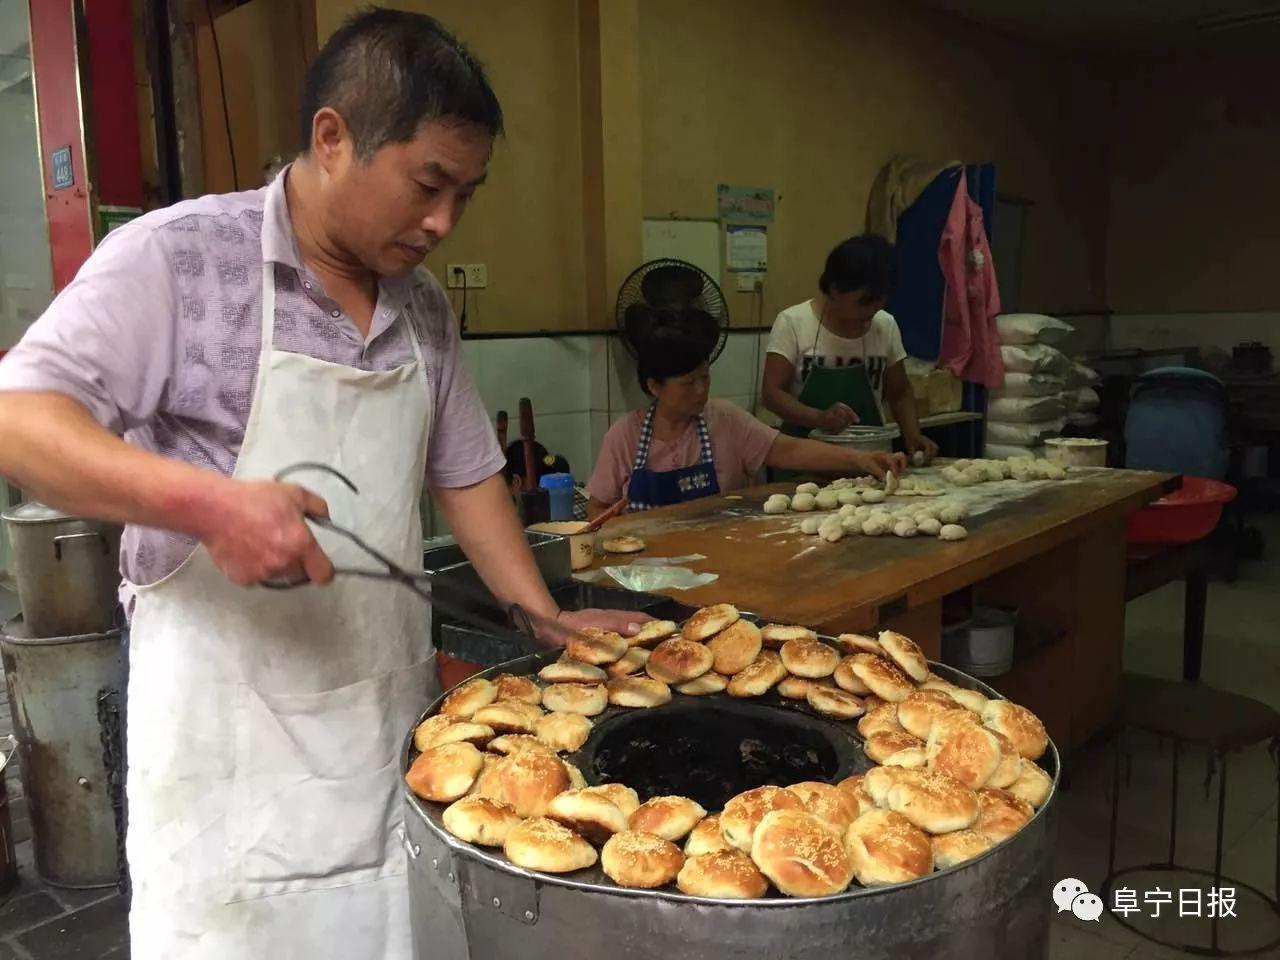 擦酥饼--这是老阜城的味蕾记忆!